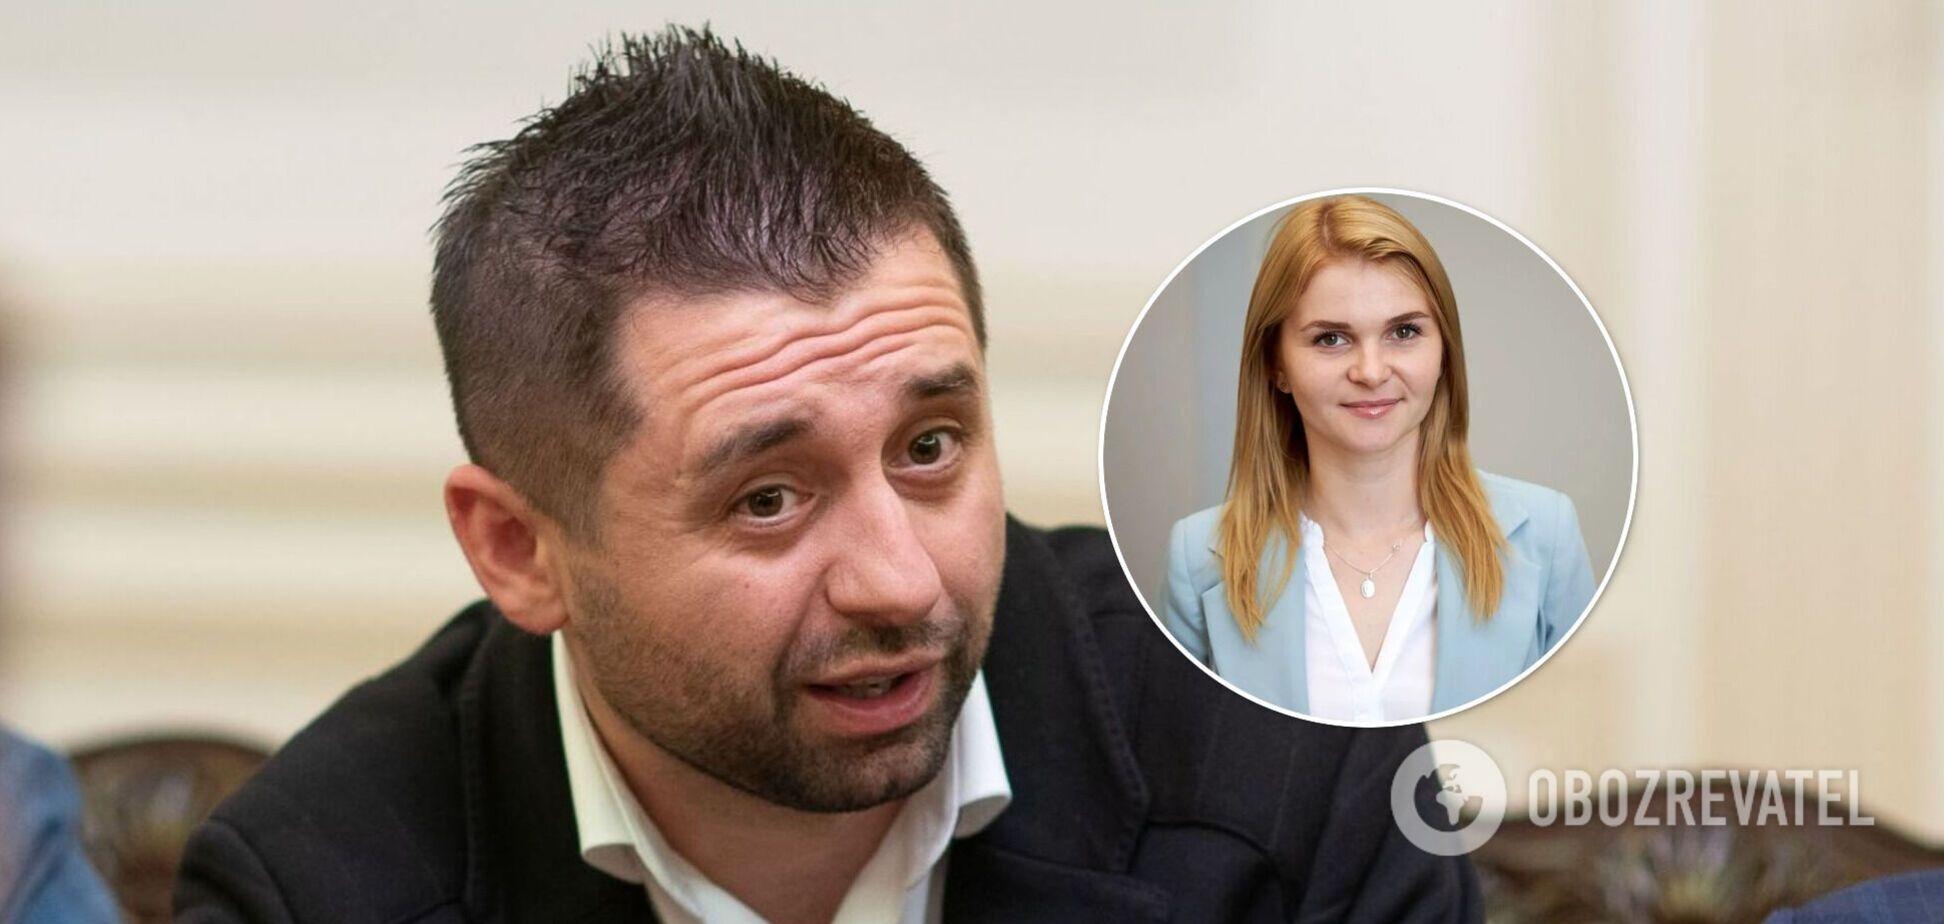 Арахамія перепросив за нардепку Колесник: ніхто звалювати з України не буде. Відео